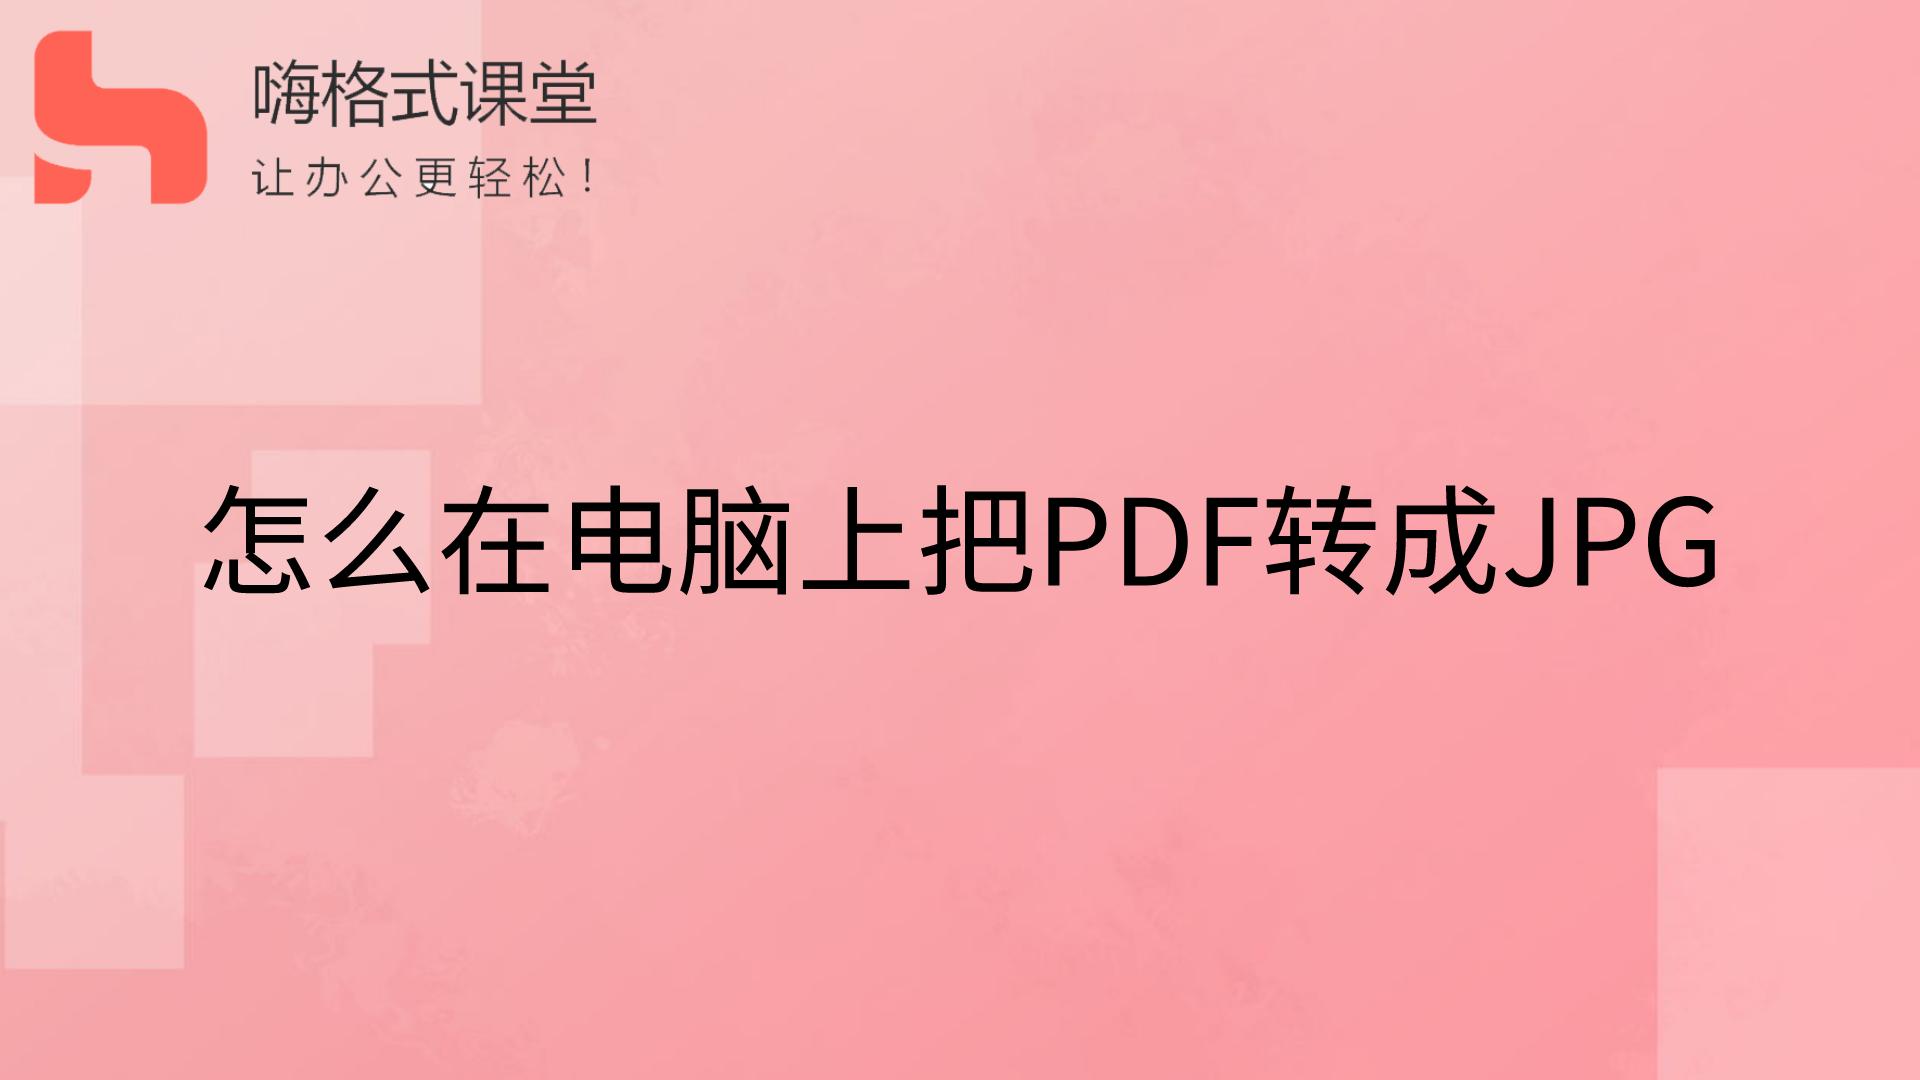 怎么在电脑上把PDF转成JPG